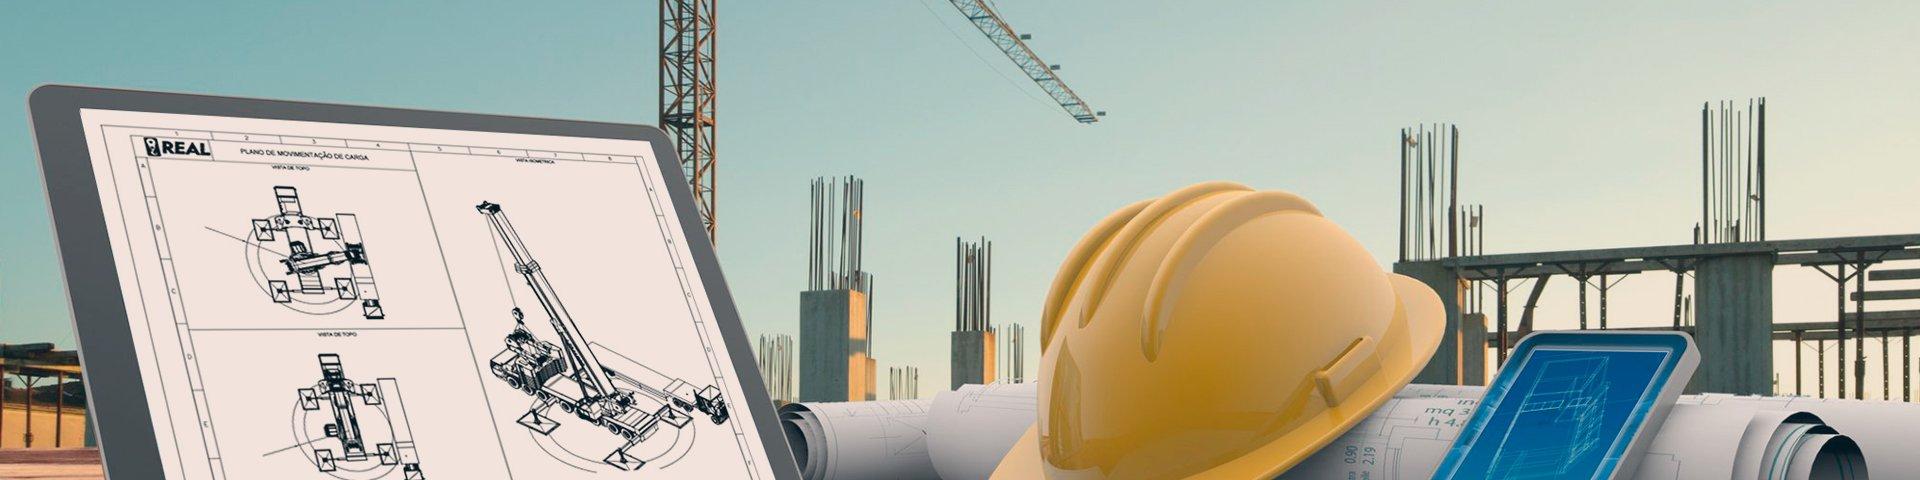 imagem conceitual de plano de rigging sendo desenvolvido em computador e Itens de segurança